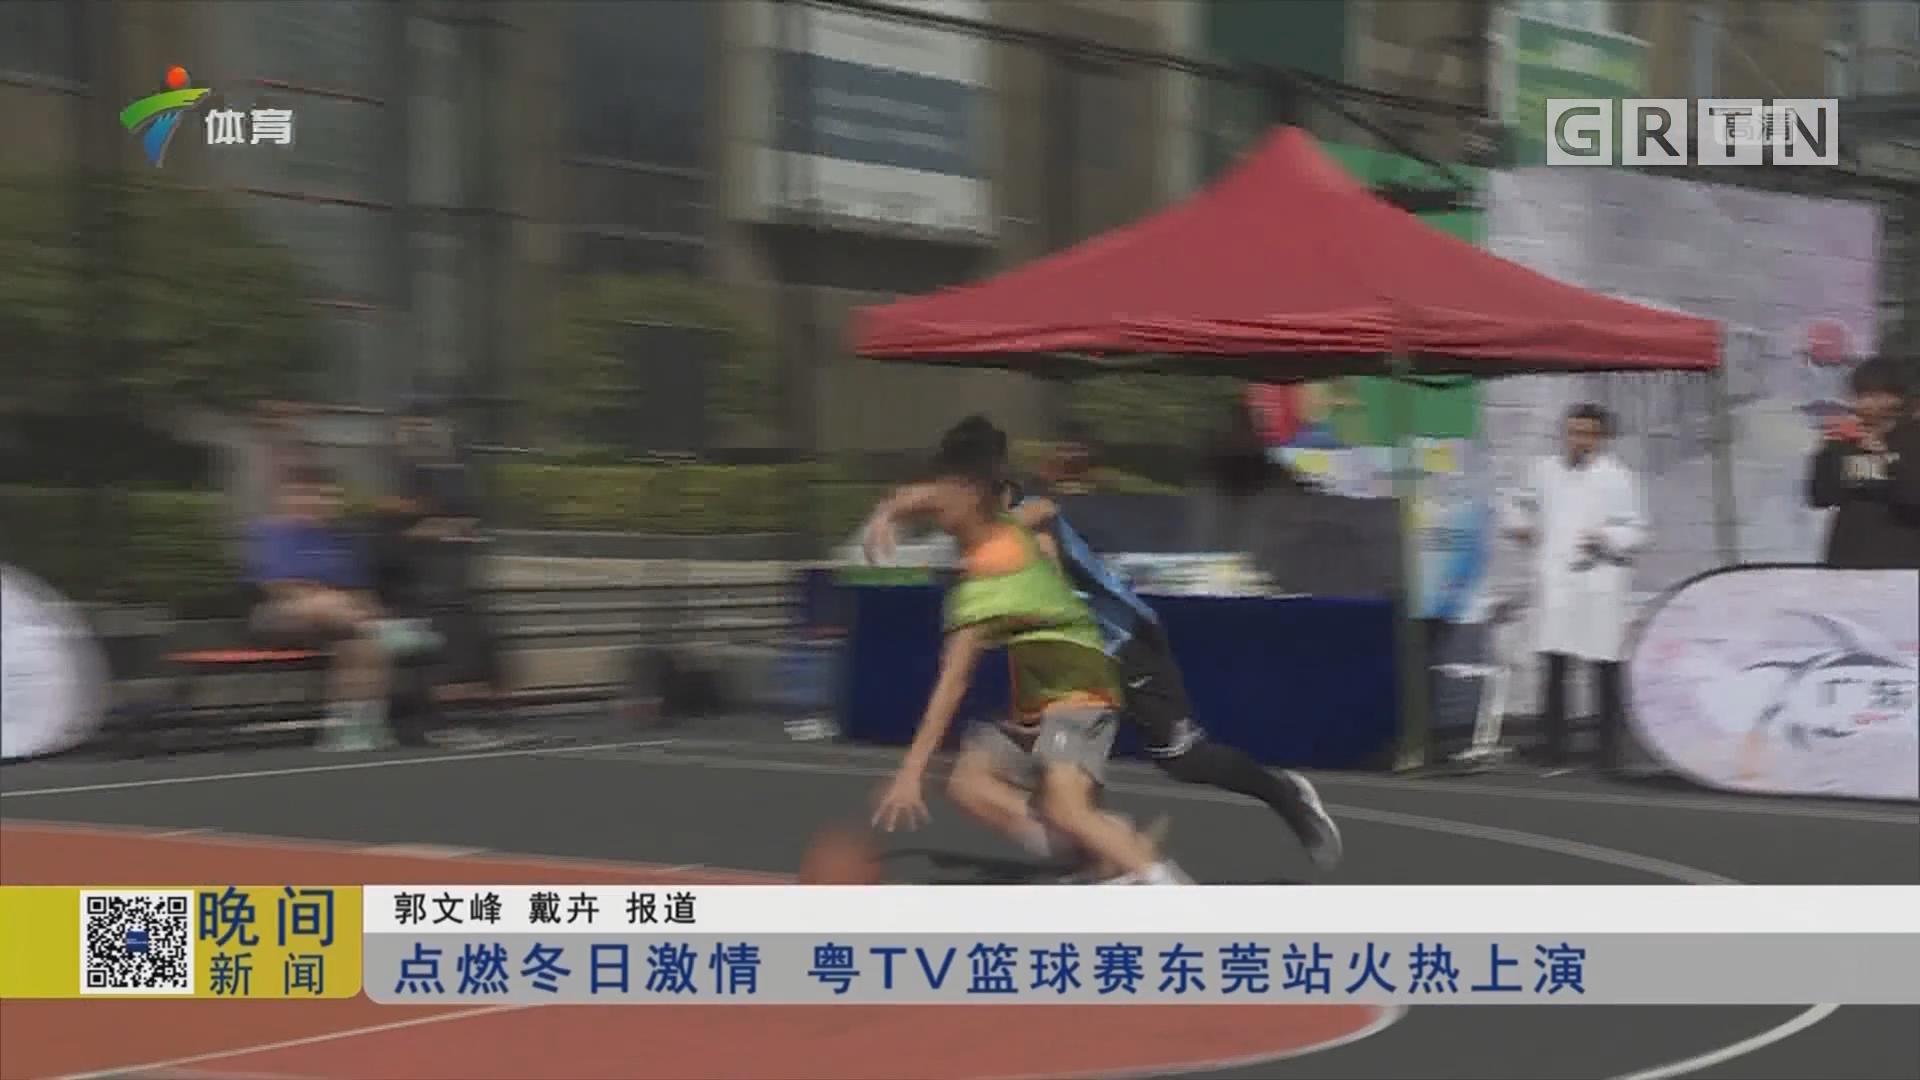 点燃冬日激情 粤TV篮球赛东莞站火热上演